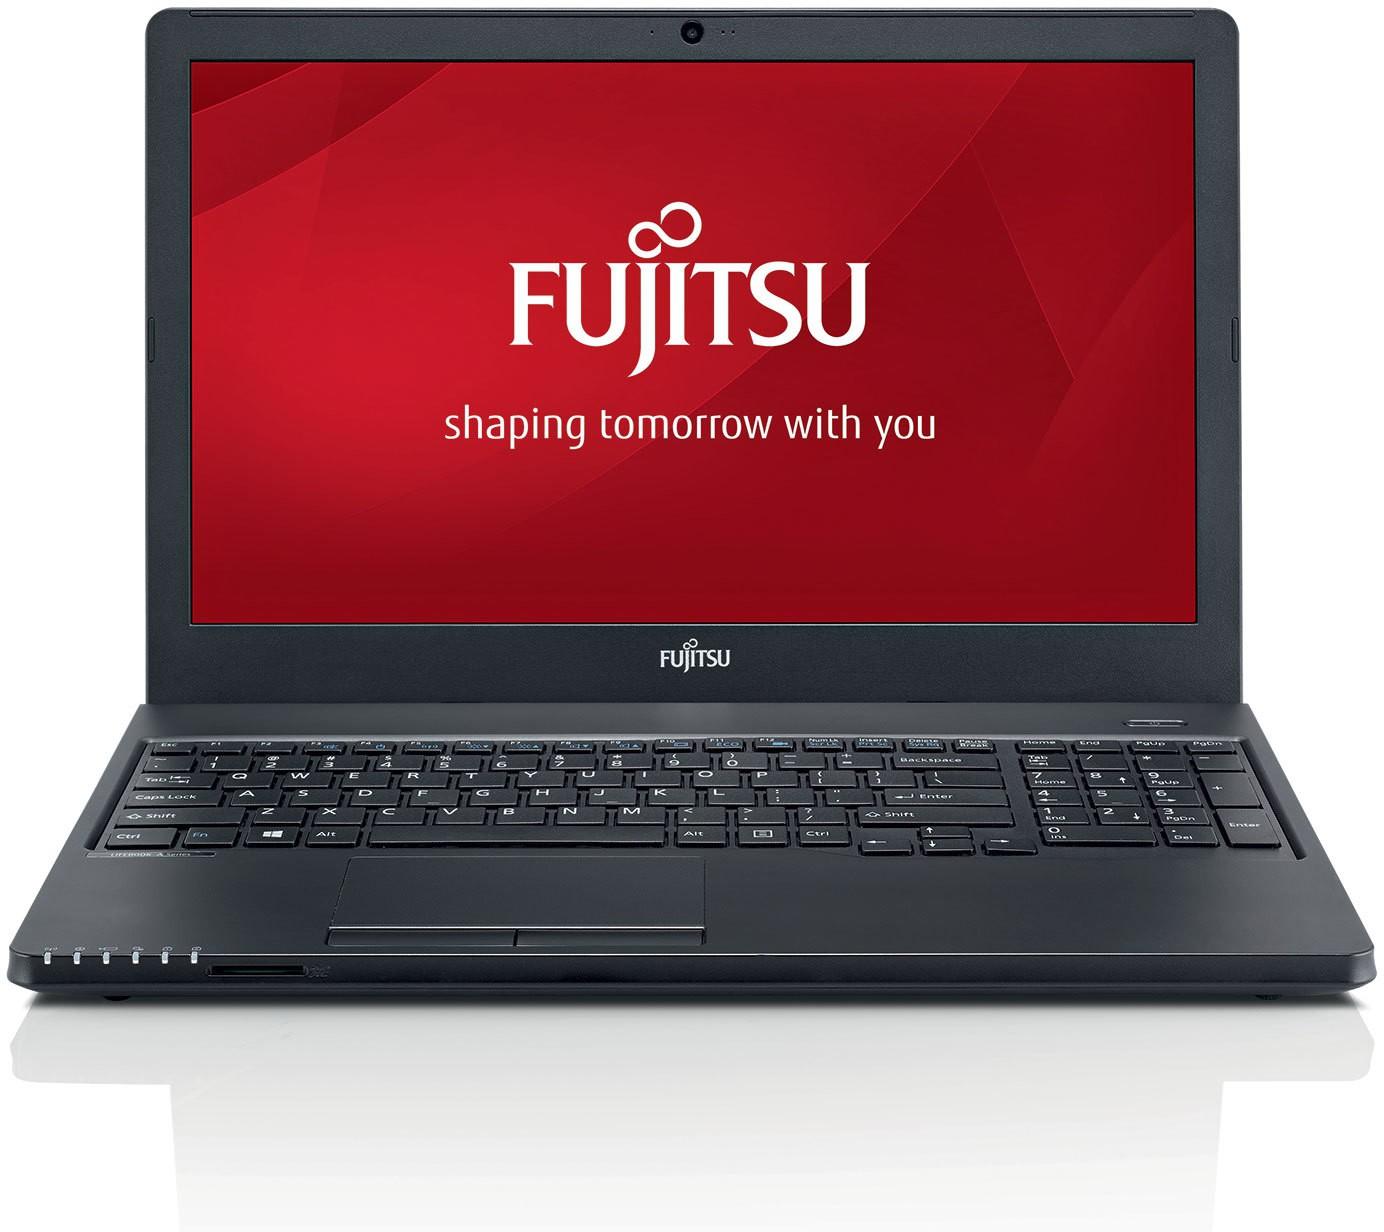 Fujitsu Lifebook Core i3 5th Gen - (8 GB/500 GB HDD/DOS) Lifebook A555 Notebook(15.6 inch, Black) (Fujitsu) Tamil Nadu Buy Online